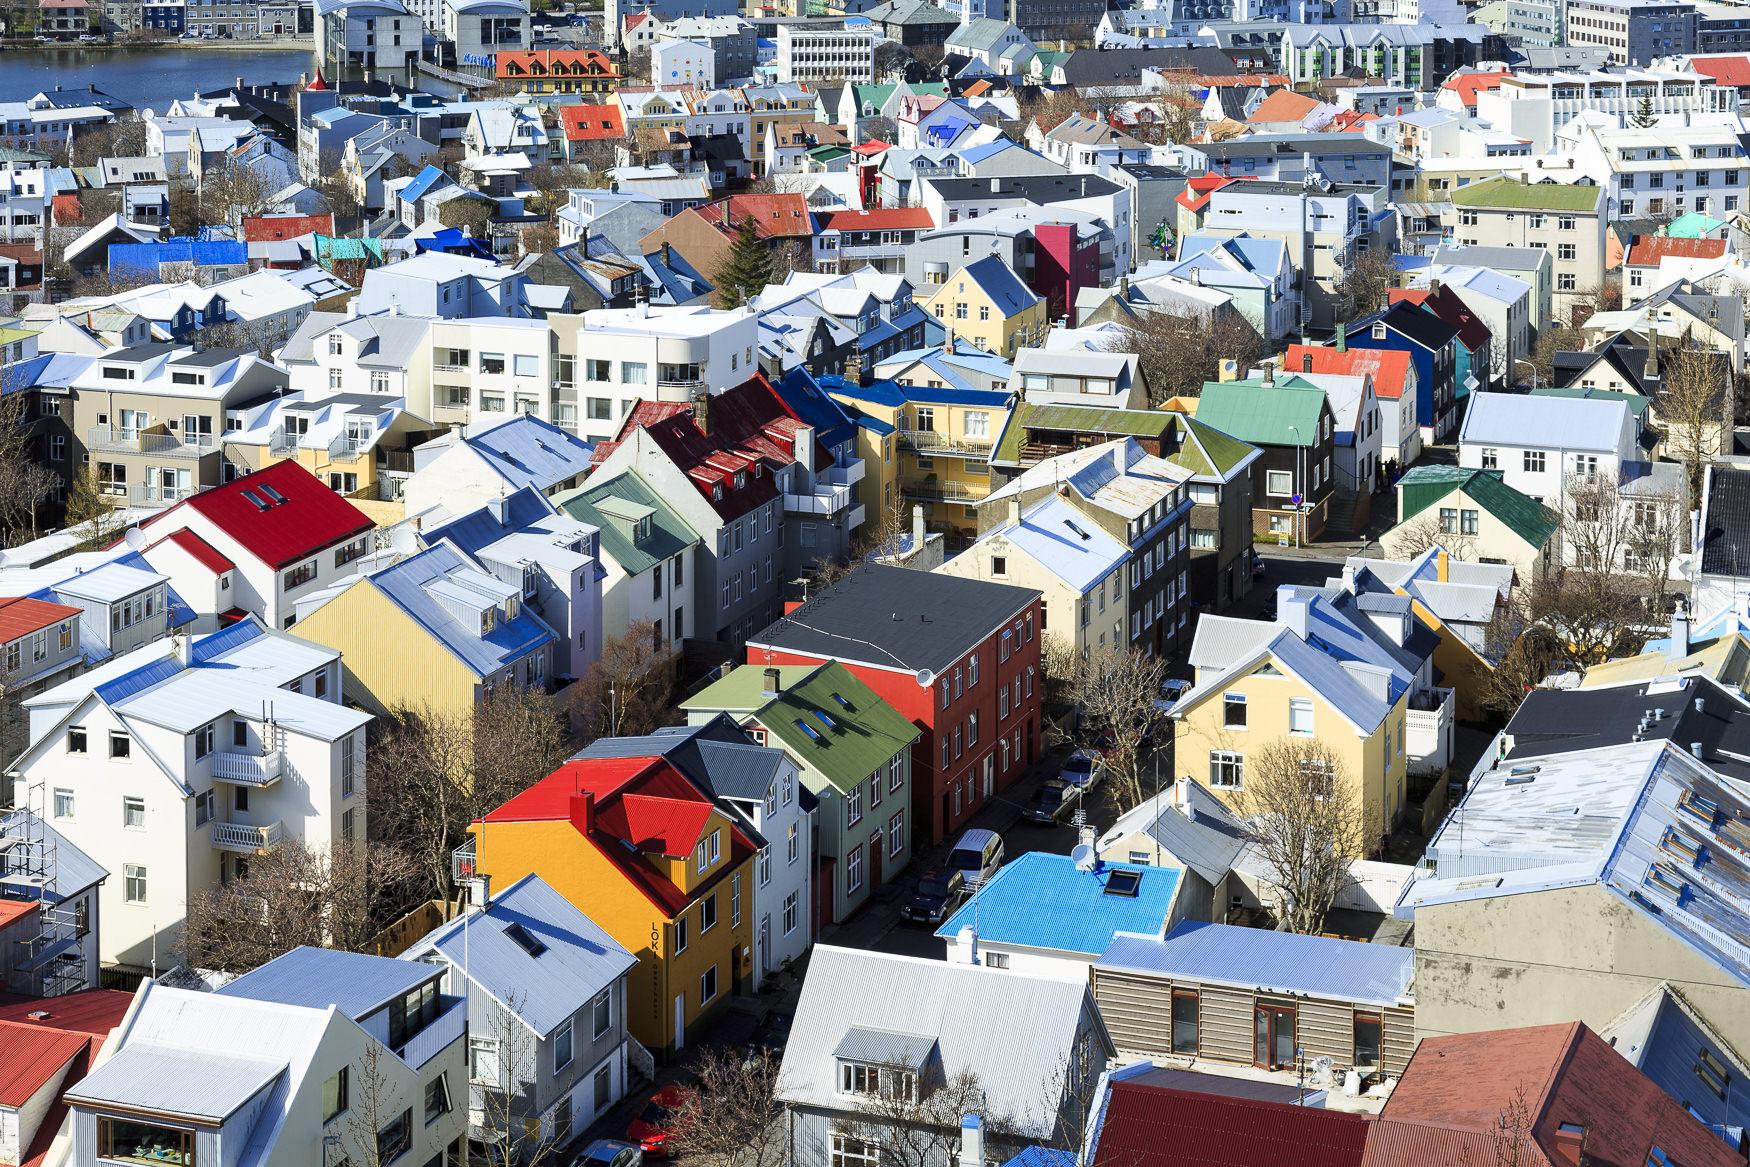 IcelandGenerals_HiRes10.jpg